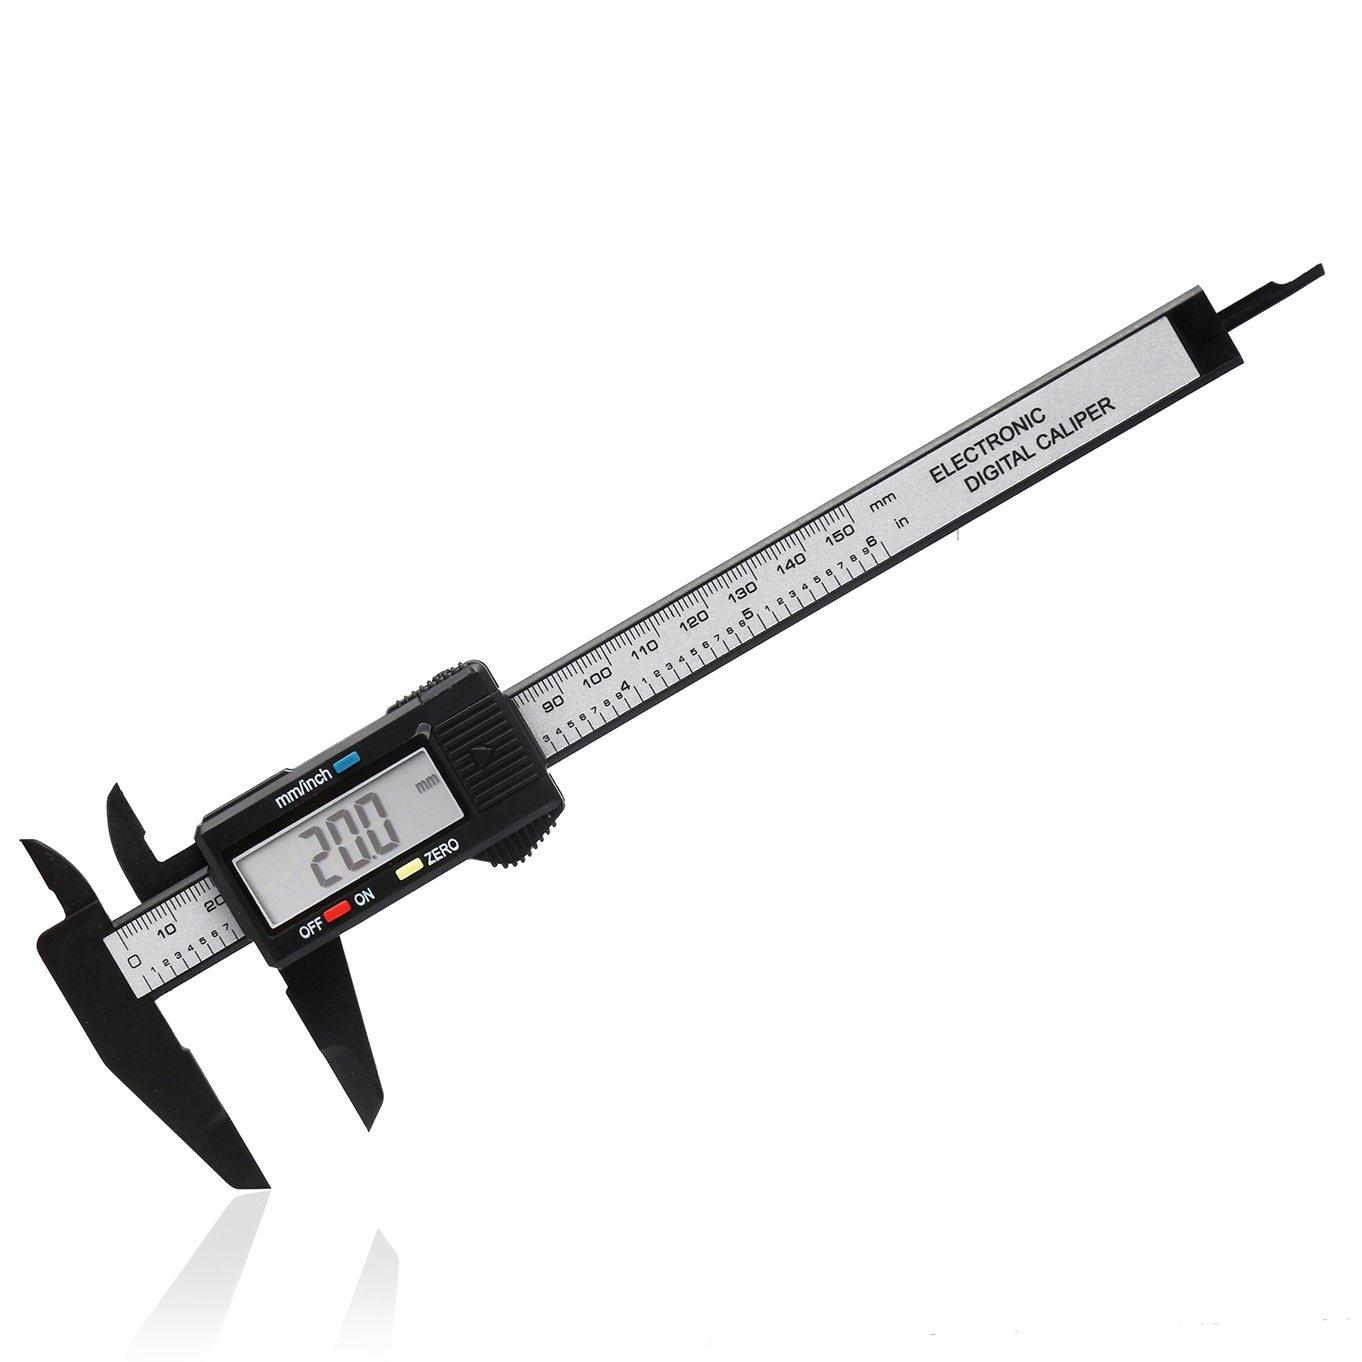 Digital Vernier Caliper - 150mm Pantalla LCD electró nica de 6 pulgadas Calibre de plá stico Calibrador Micró metro Regla Micró metro de fibra de carbono Herramienta de medició n Inch / Metric / Conversion Slyzone